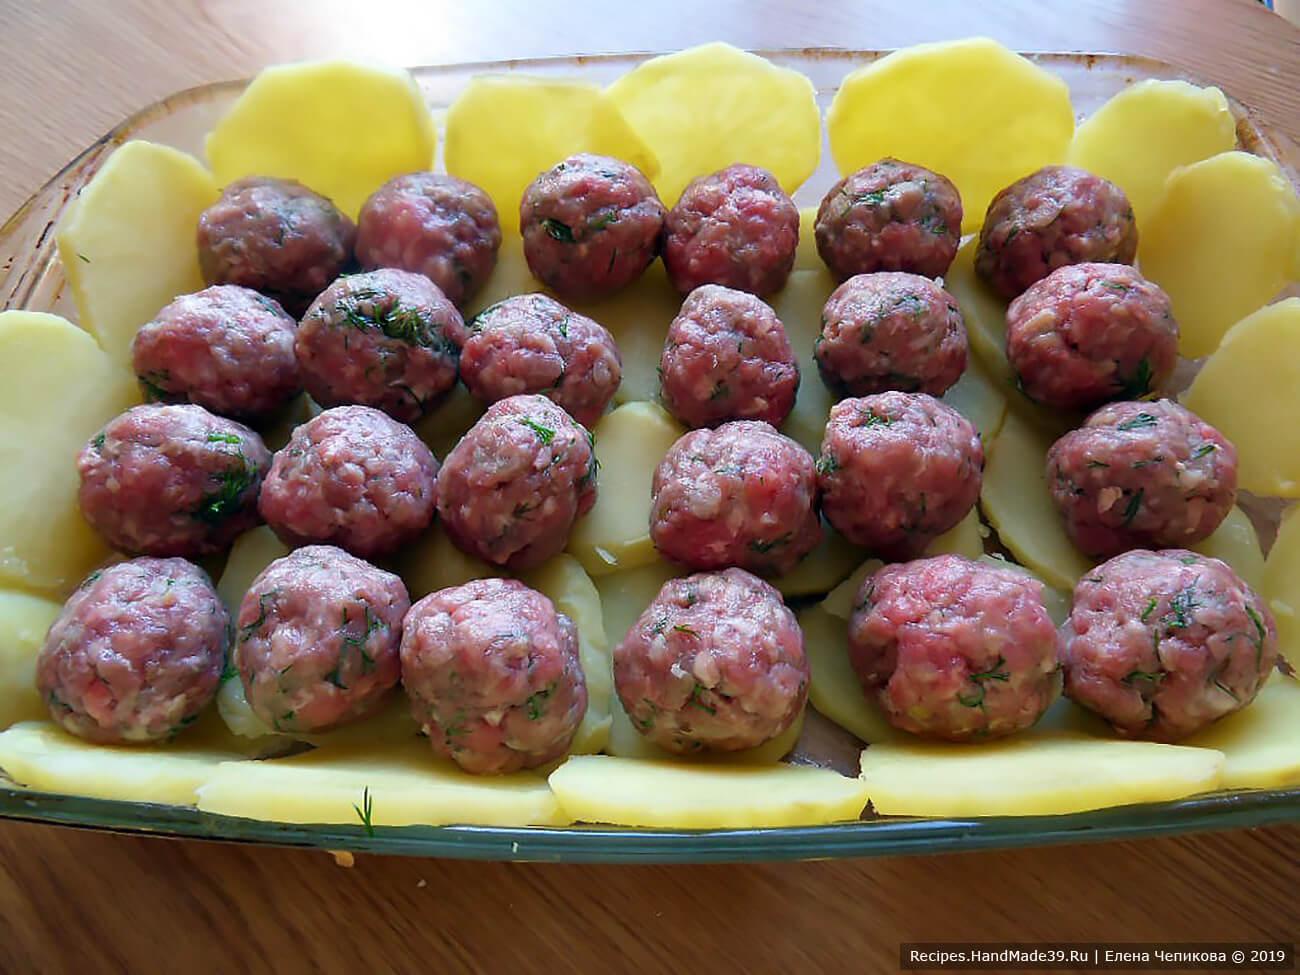 Из фарша сформировать фрикадельки, выложить их на ломтики картофеля (не плотно)